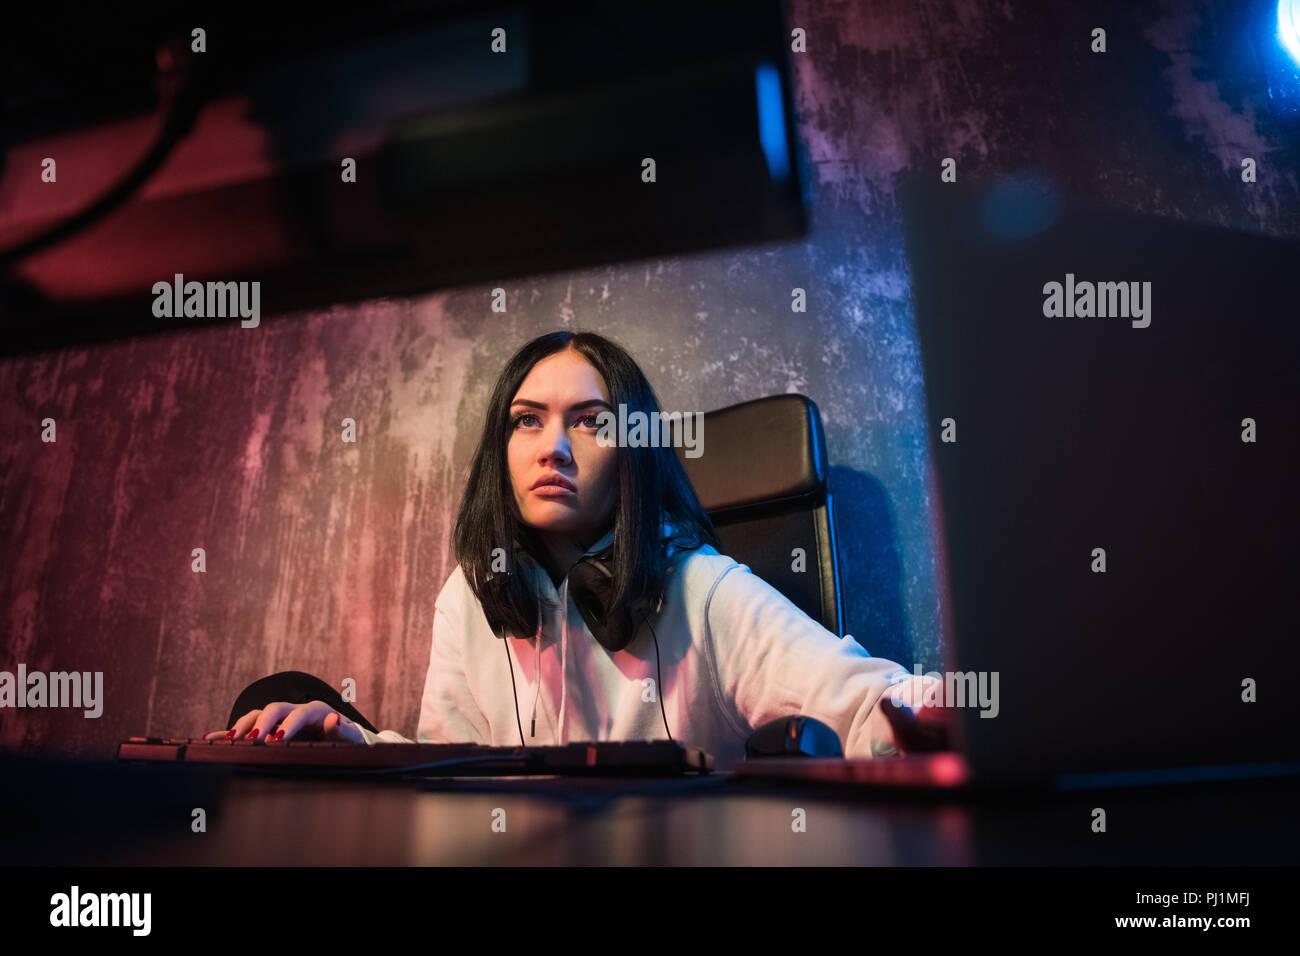 Jeune fille sérieuse qui travaille à la maison sur son PC, dépression, anxiété, problèmes financiers femme seule la dépression. Photo Stock